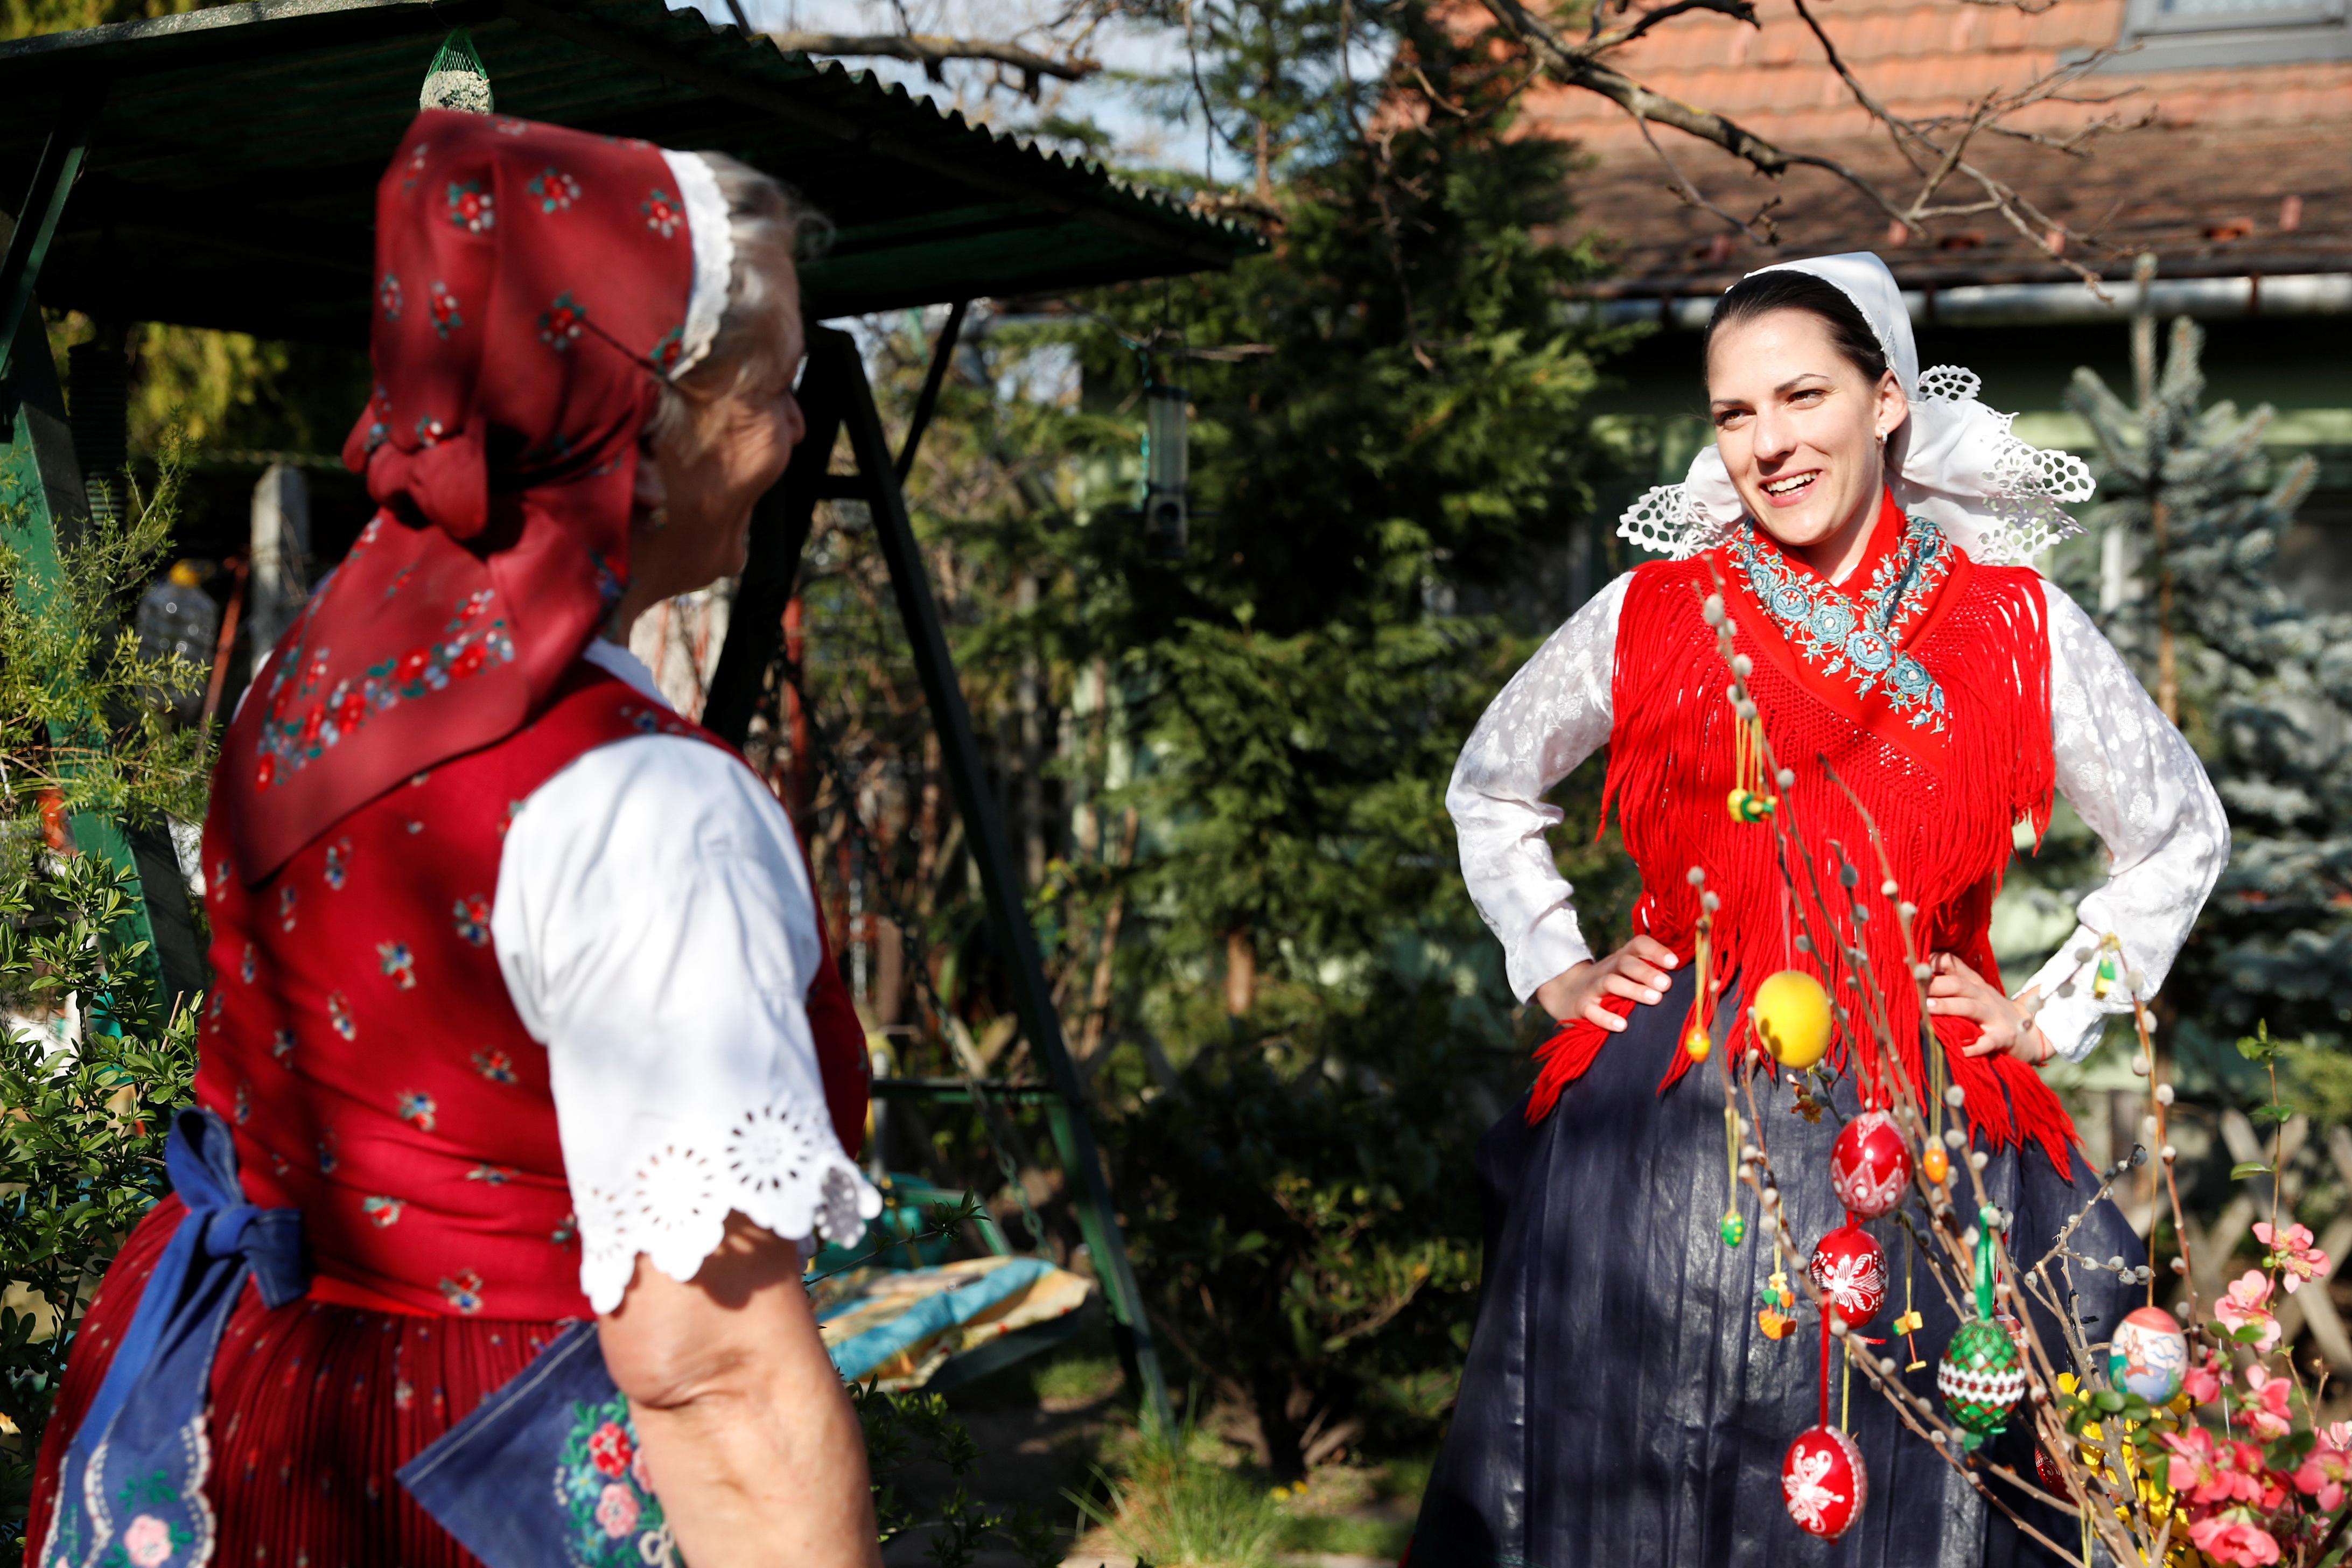 Iren Lengyel, de 66 años, se visitó para la ocasión y junto a varios vecinos celebraron las Pascuas, a pesar de la pandemia